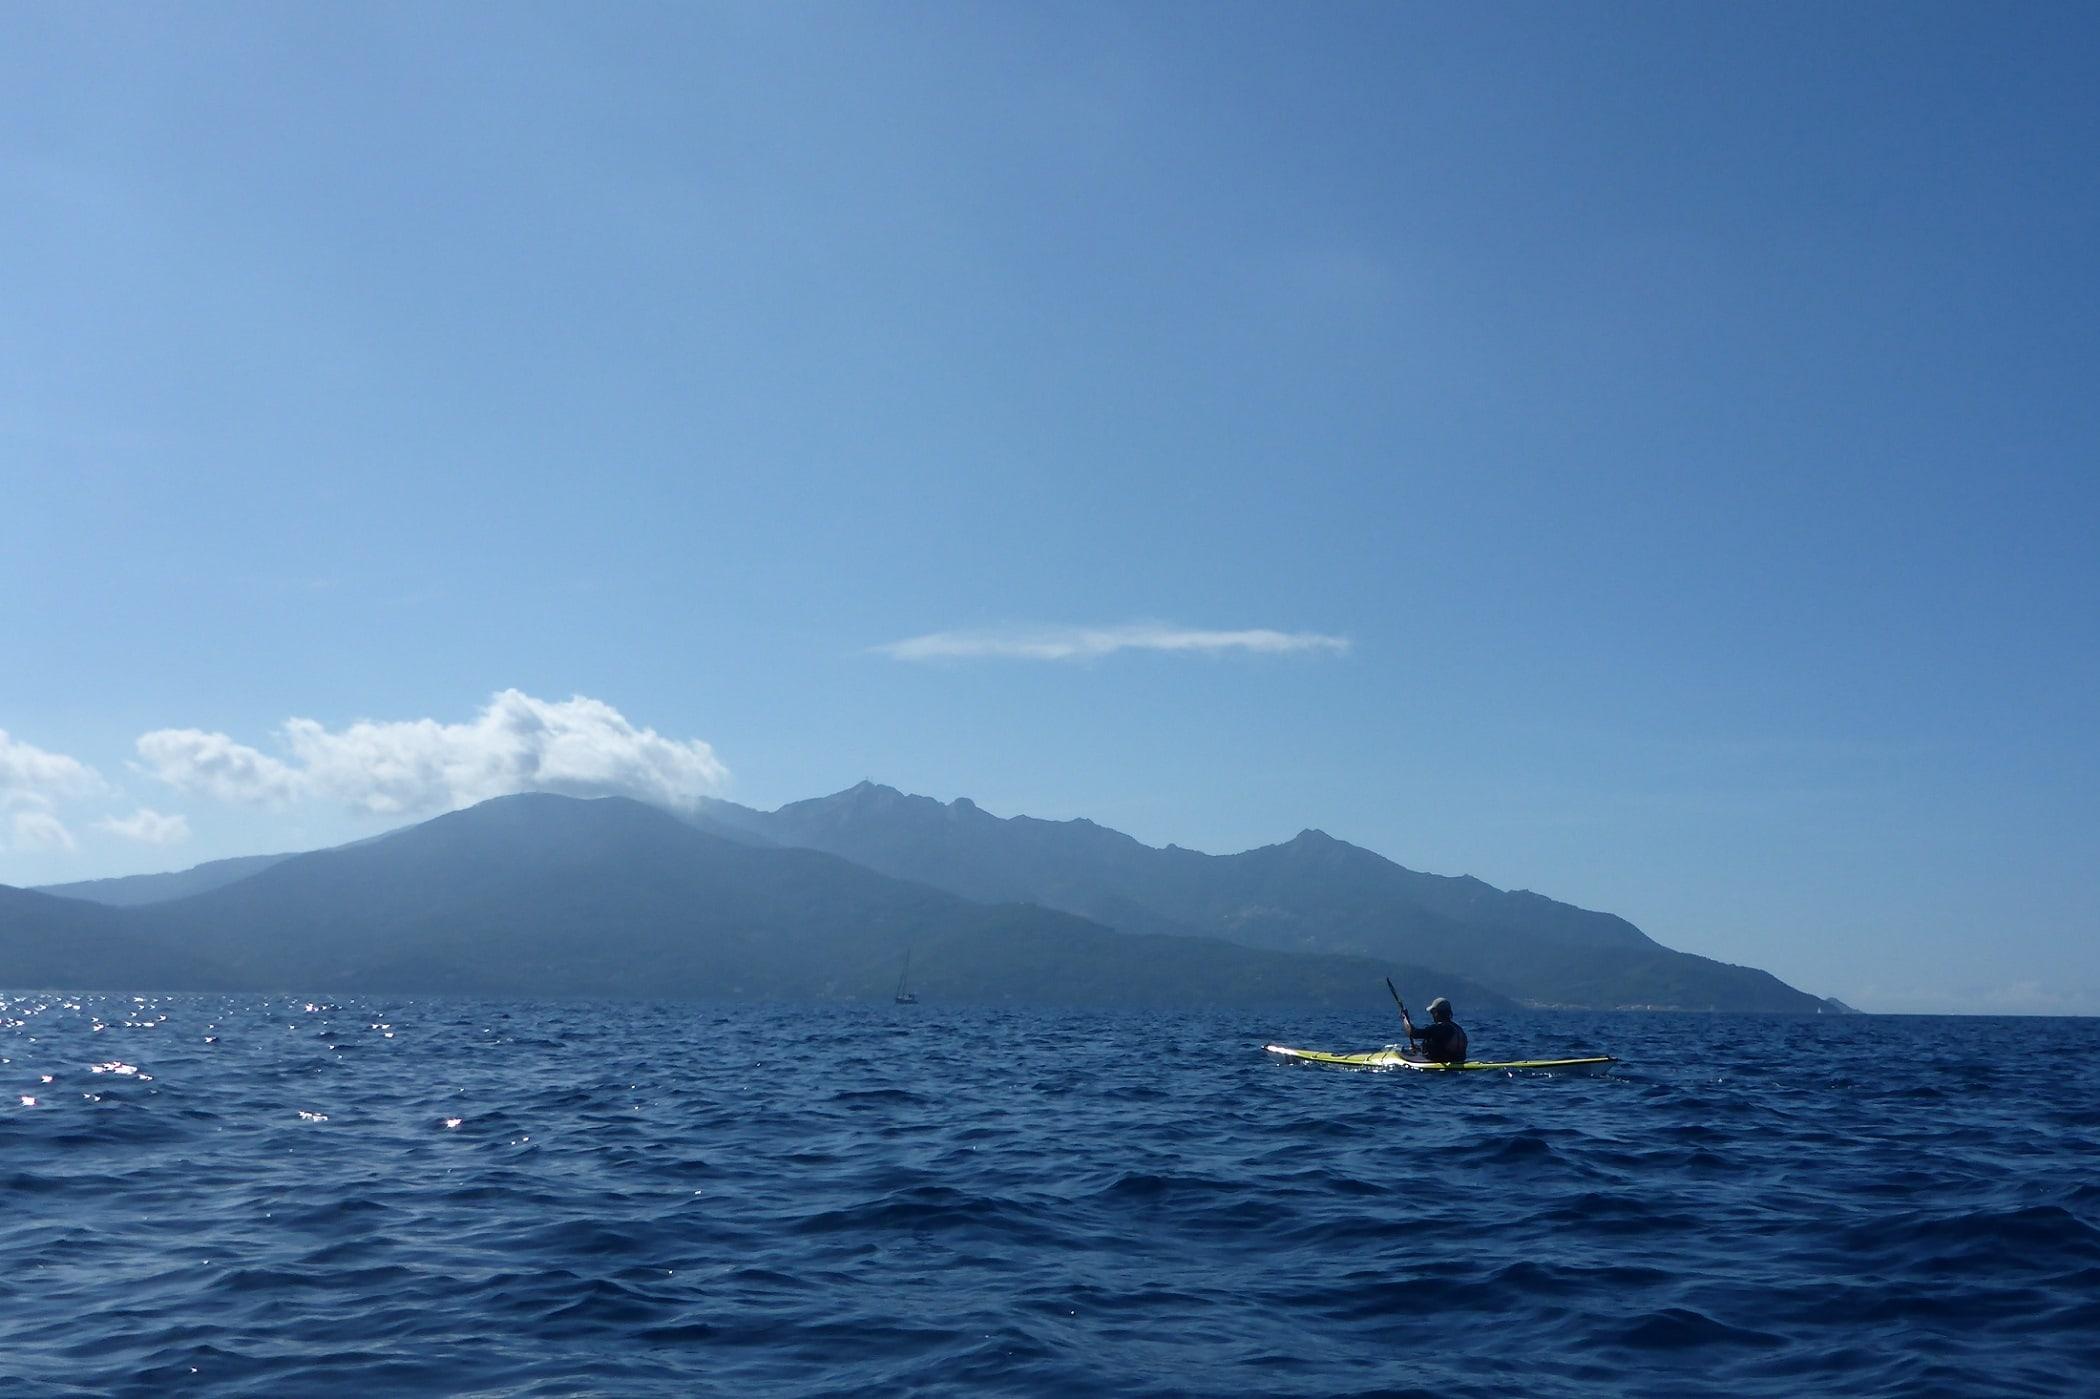 die letzte Querung der Inselumrundung im Golfo di Viticcio